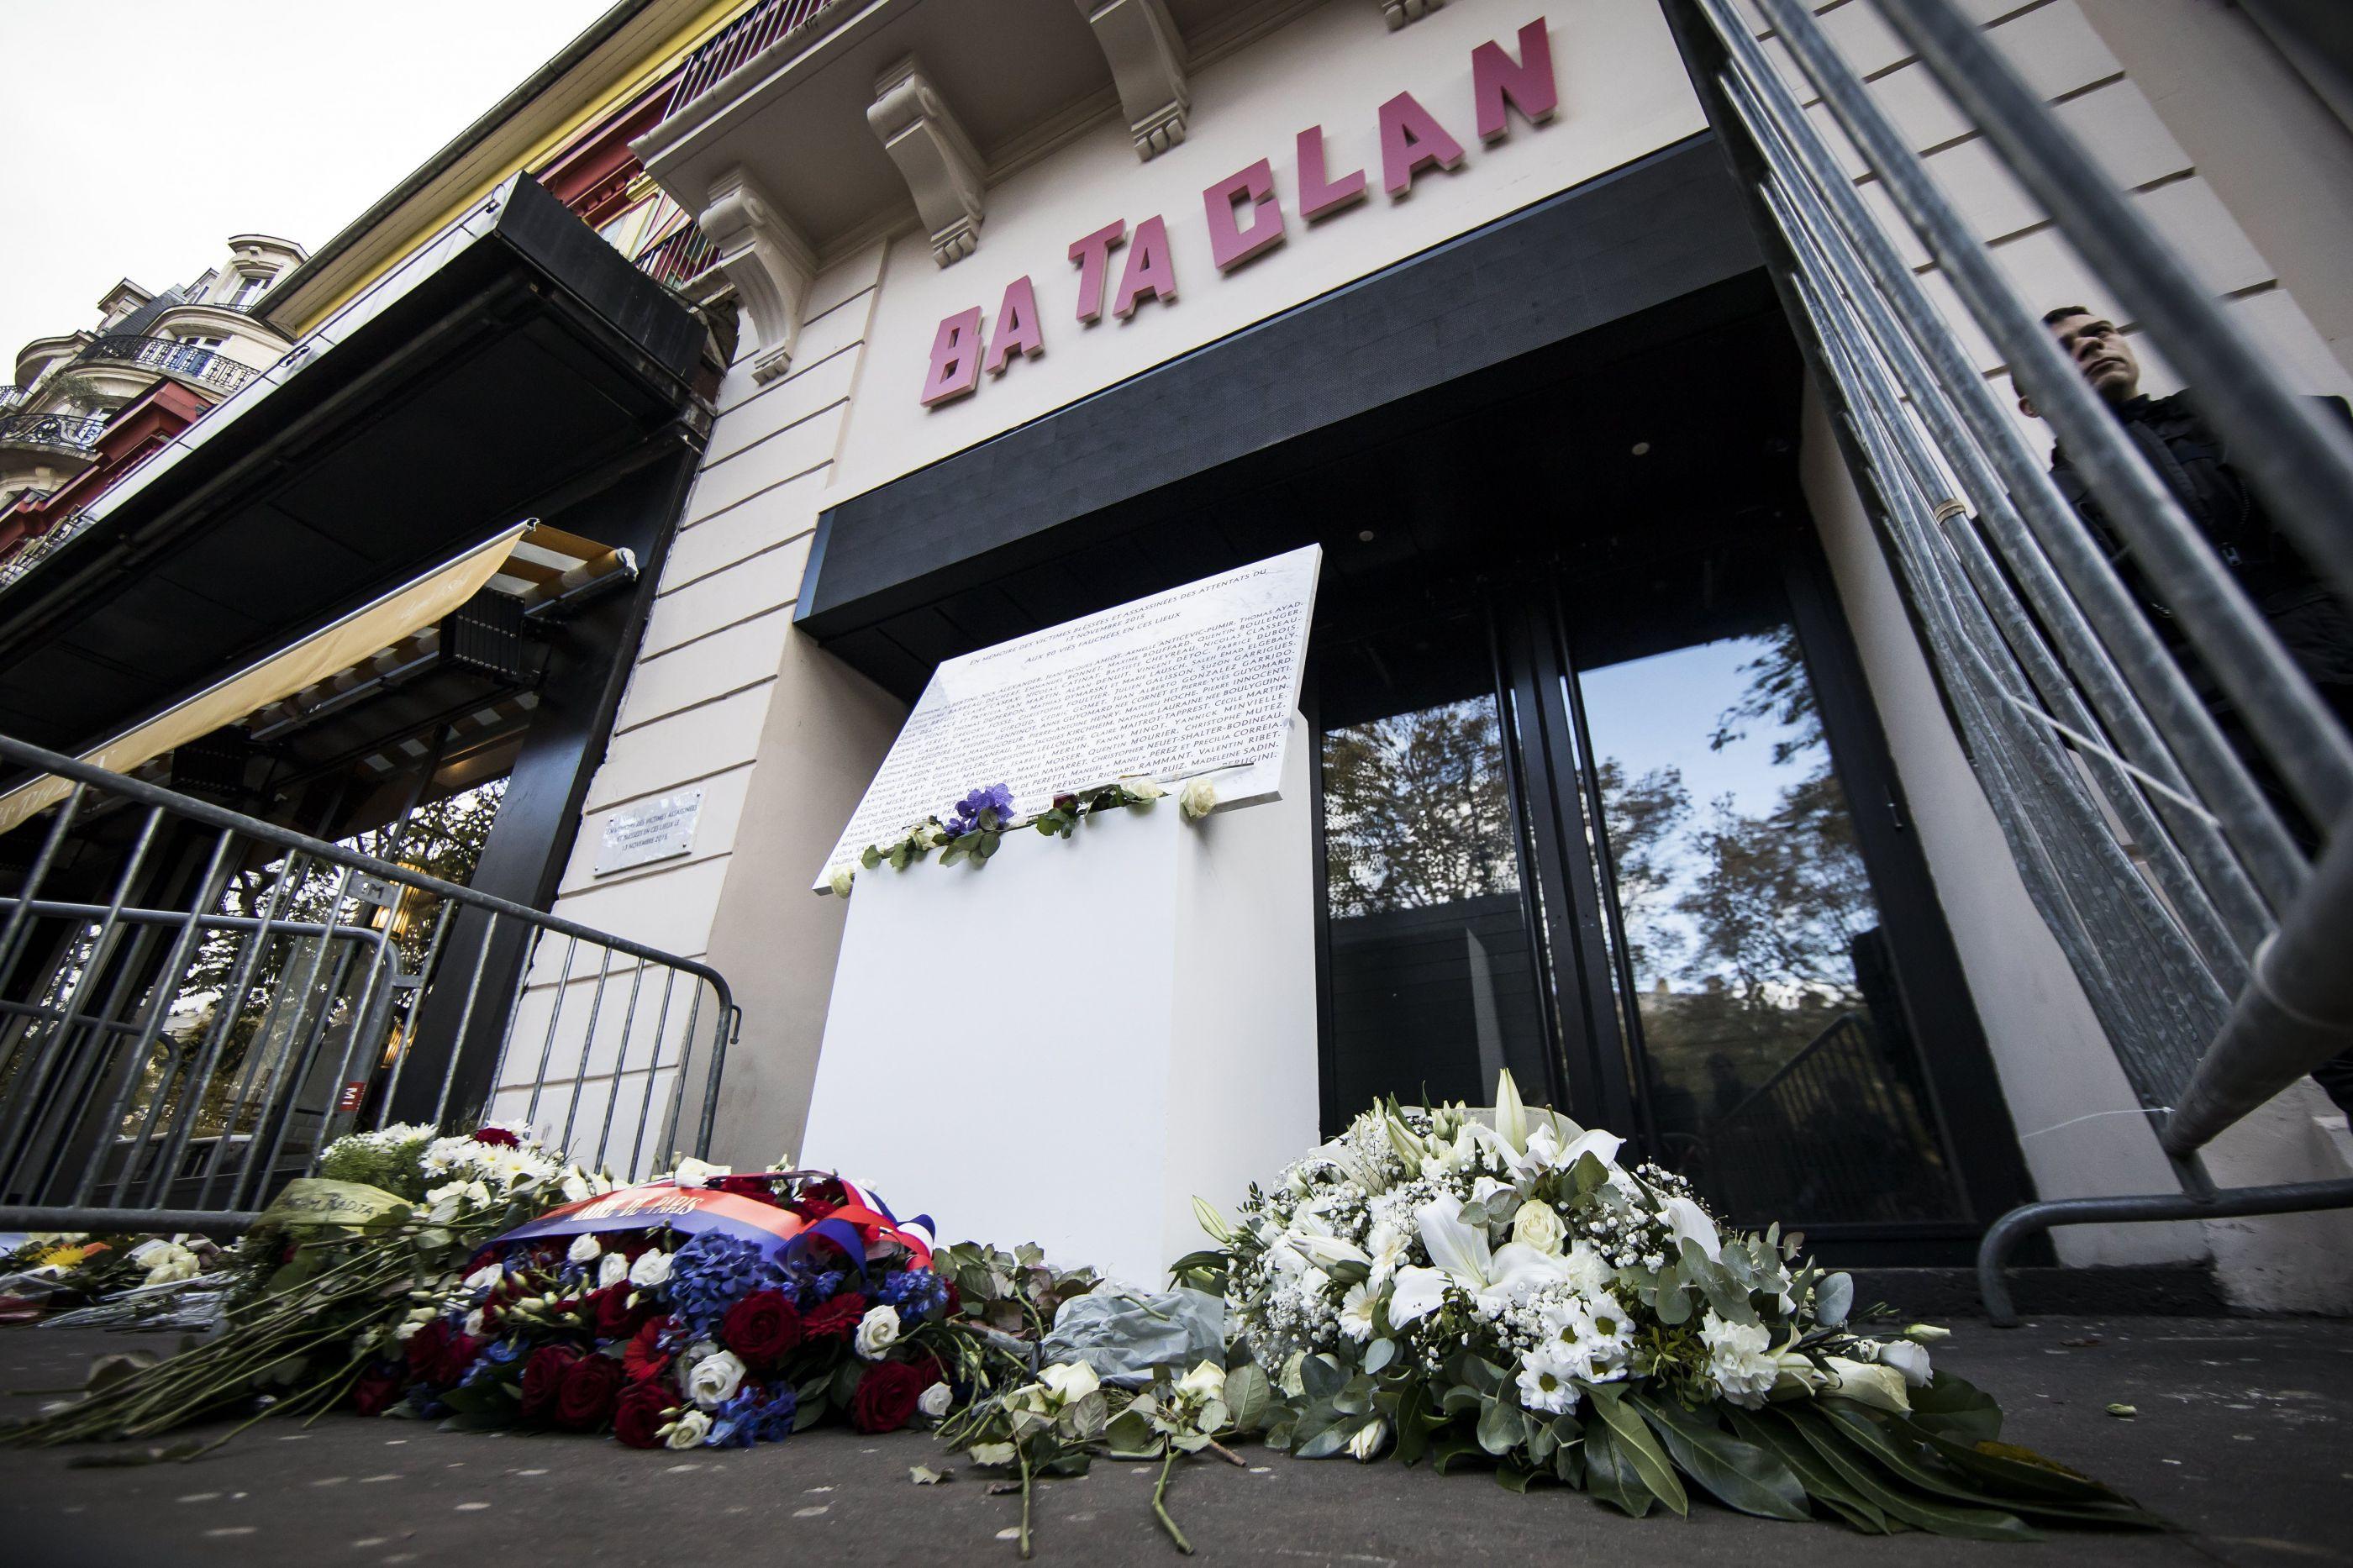 Paris relembra atentato no Bataclan: 'Cicatriz aberta que não fecha'